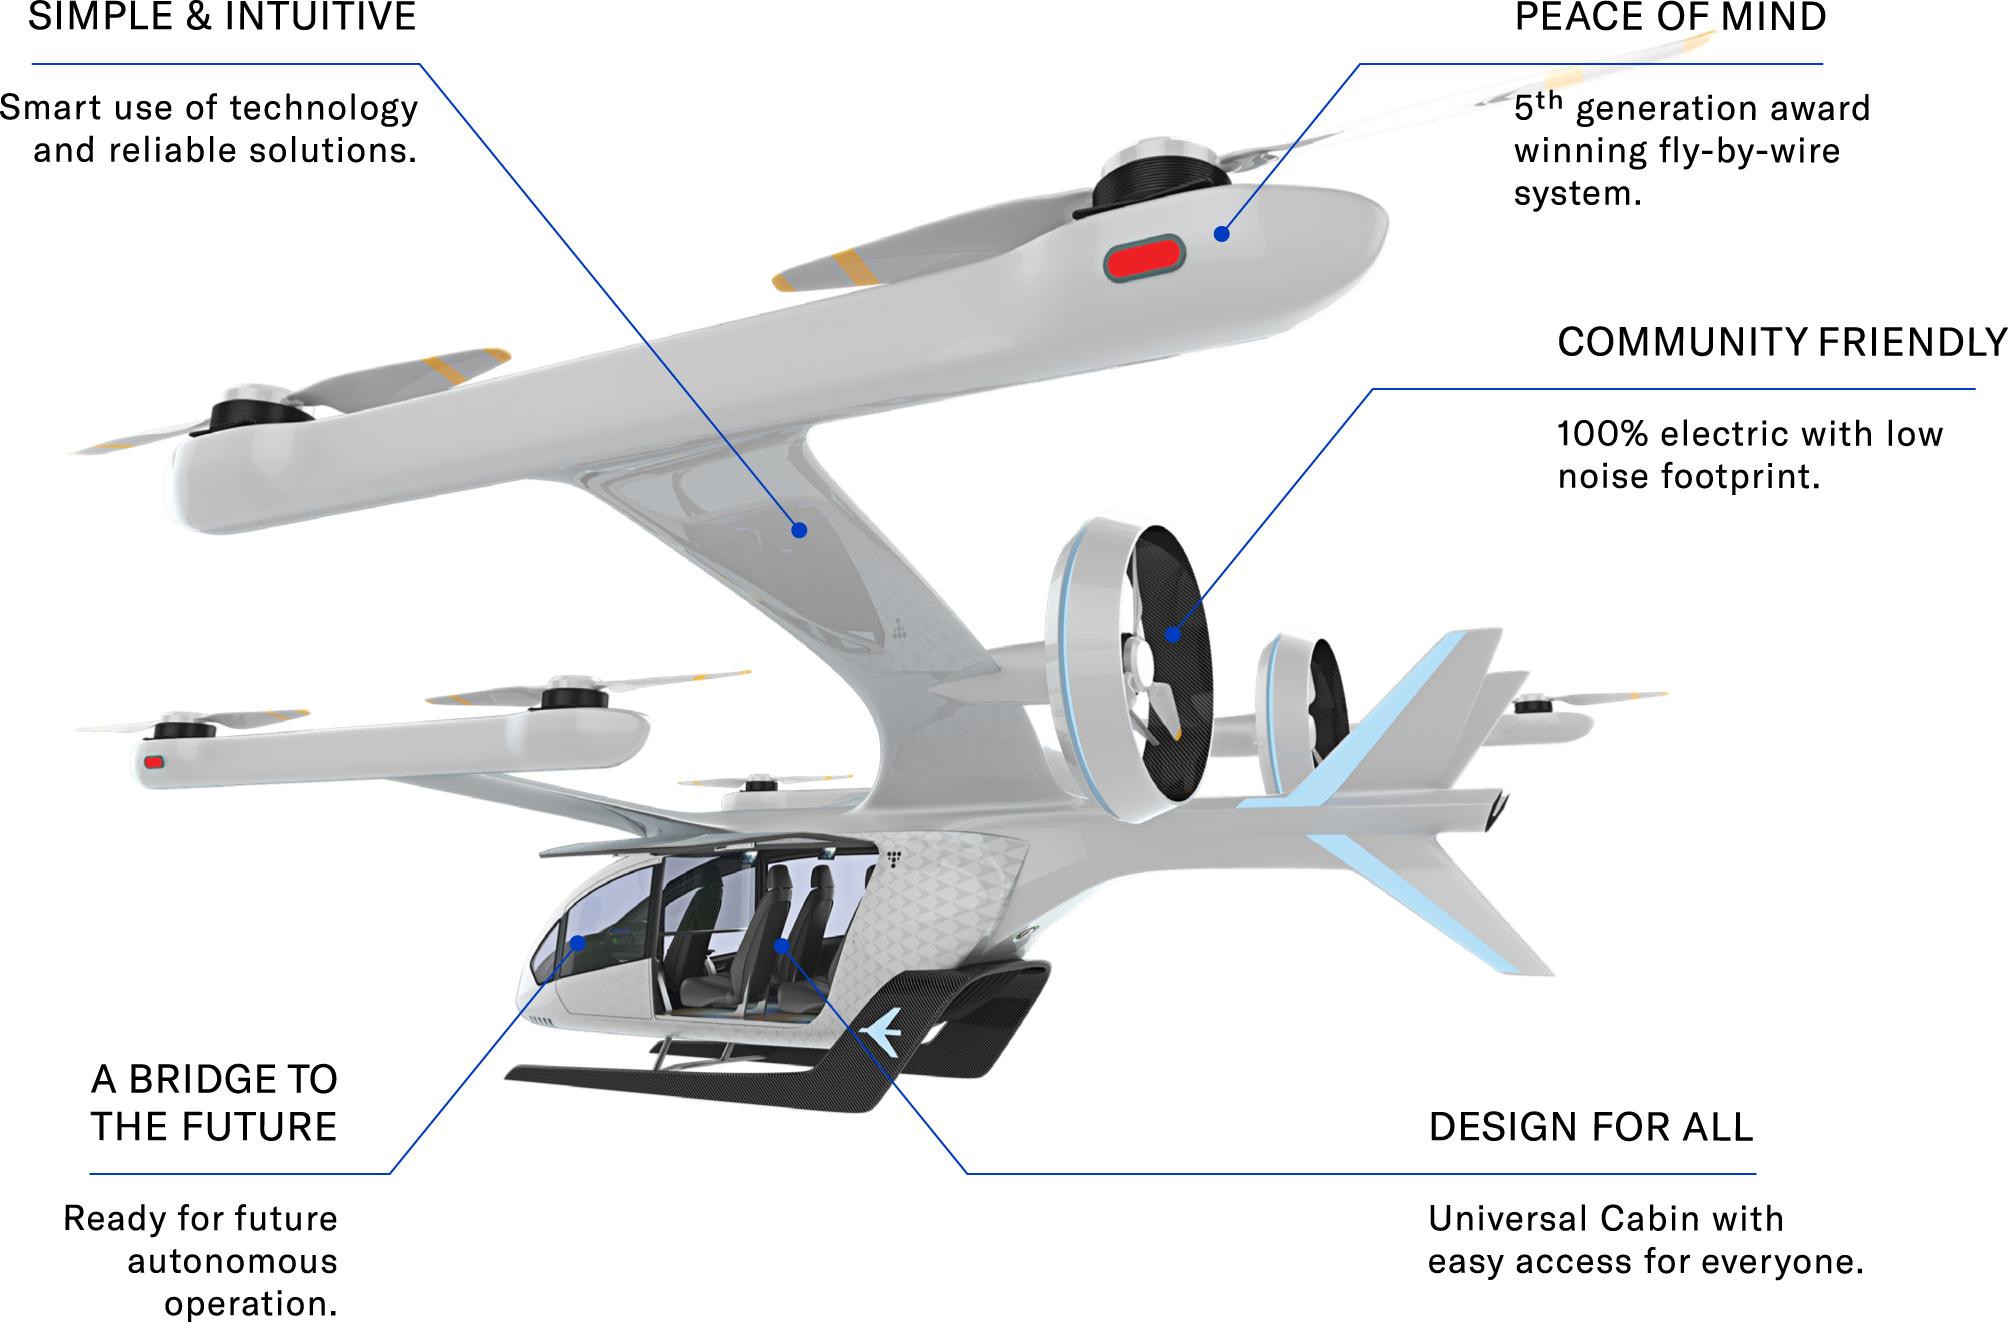 Embraer's new EmbraerX eVTOL concept is accessible, autonomous and courteous